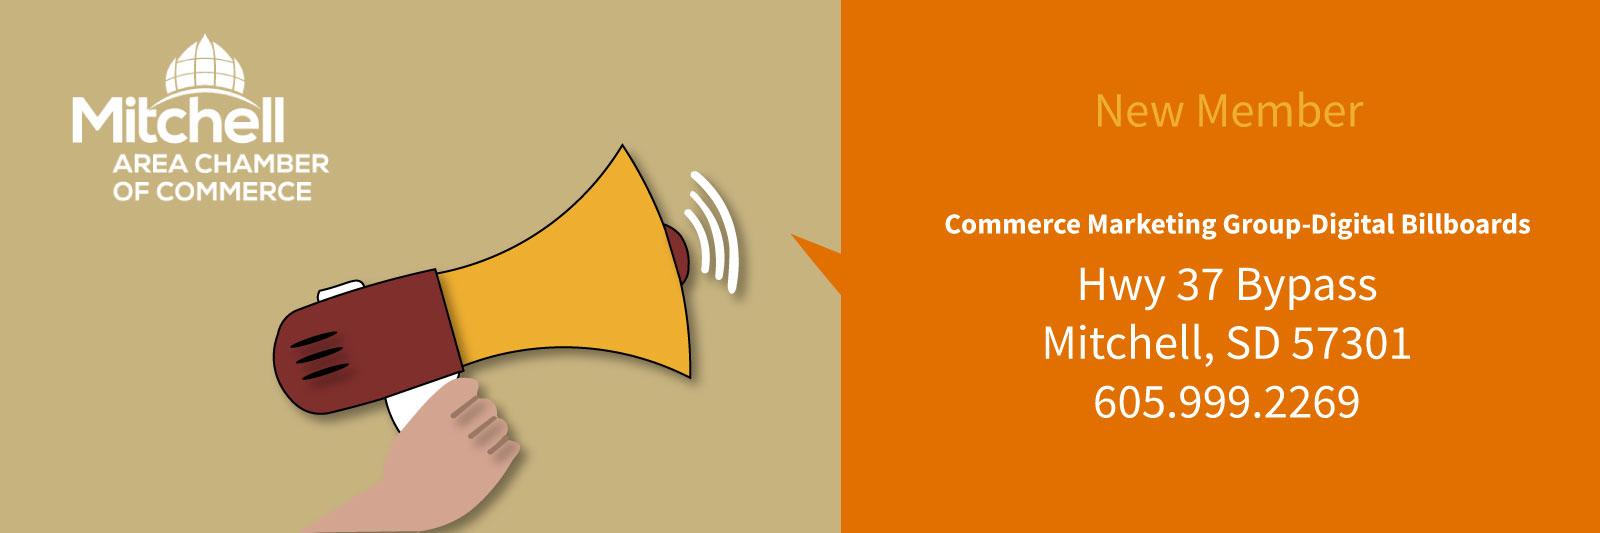 commerce_marketing_group_new_member_banner.jpg